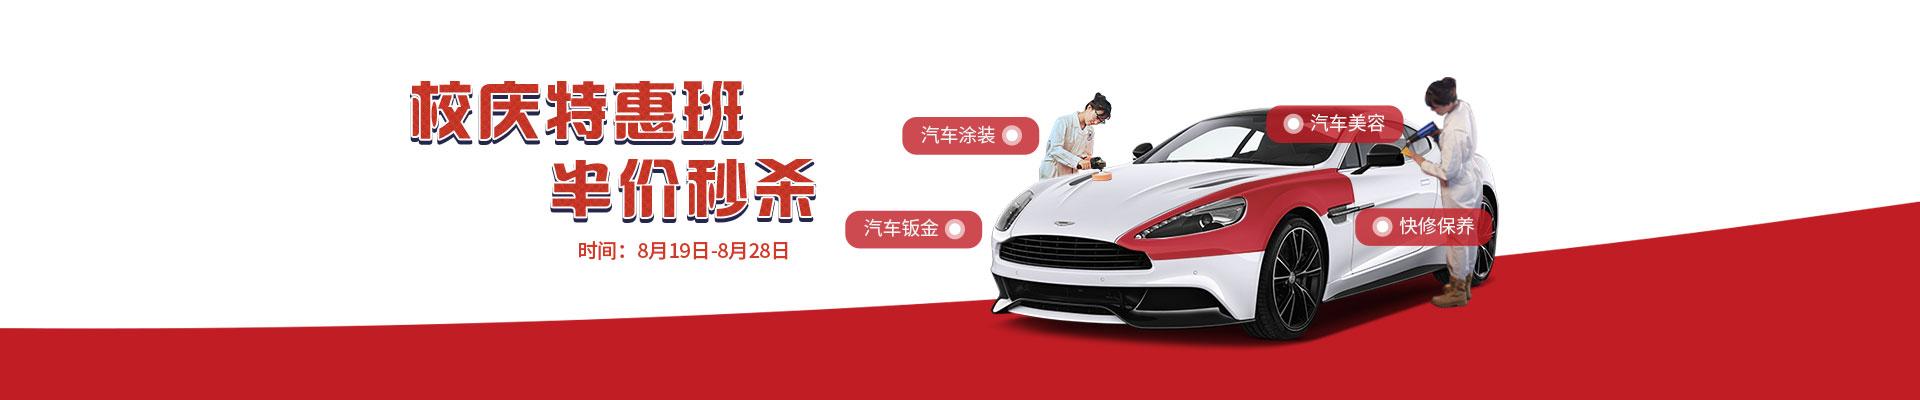 万通校庆-武汉万通汽修学校